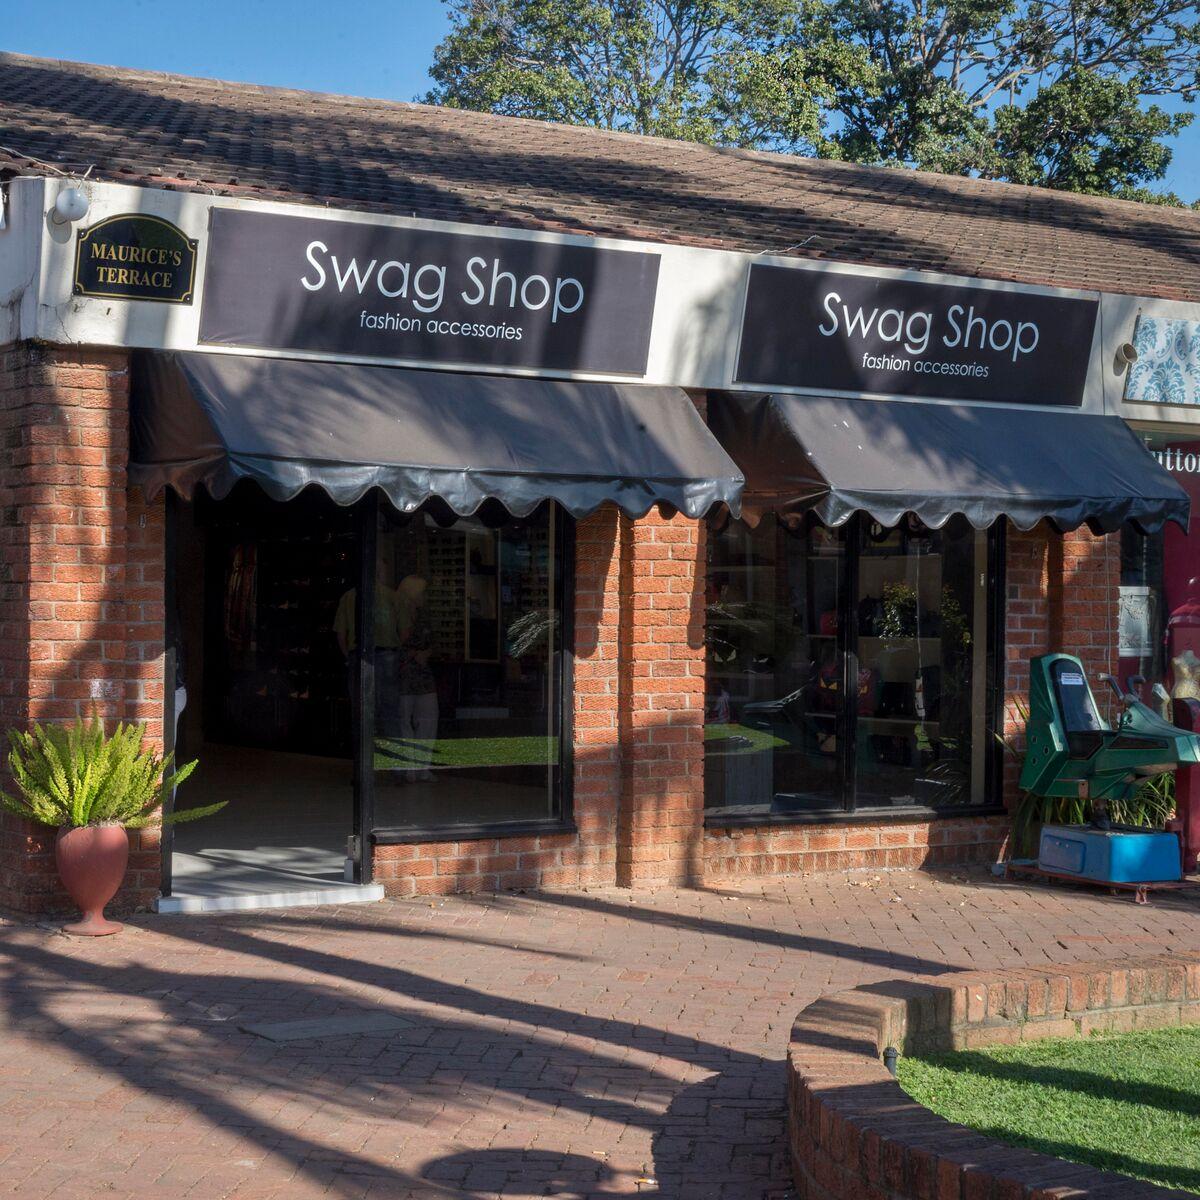 Swag Shop